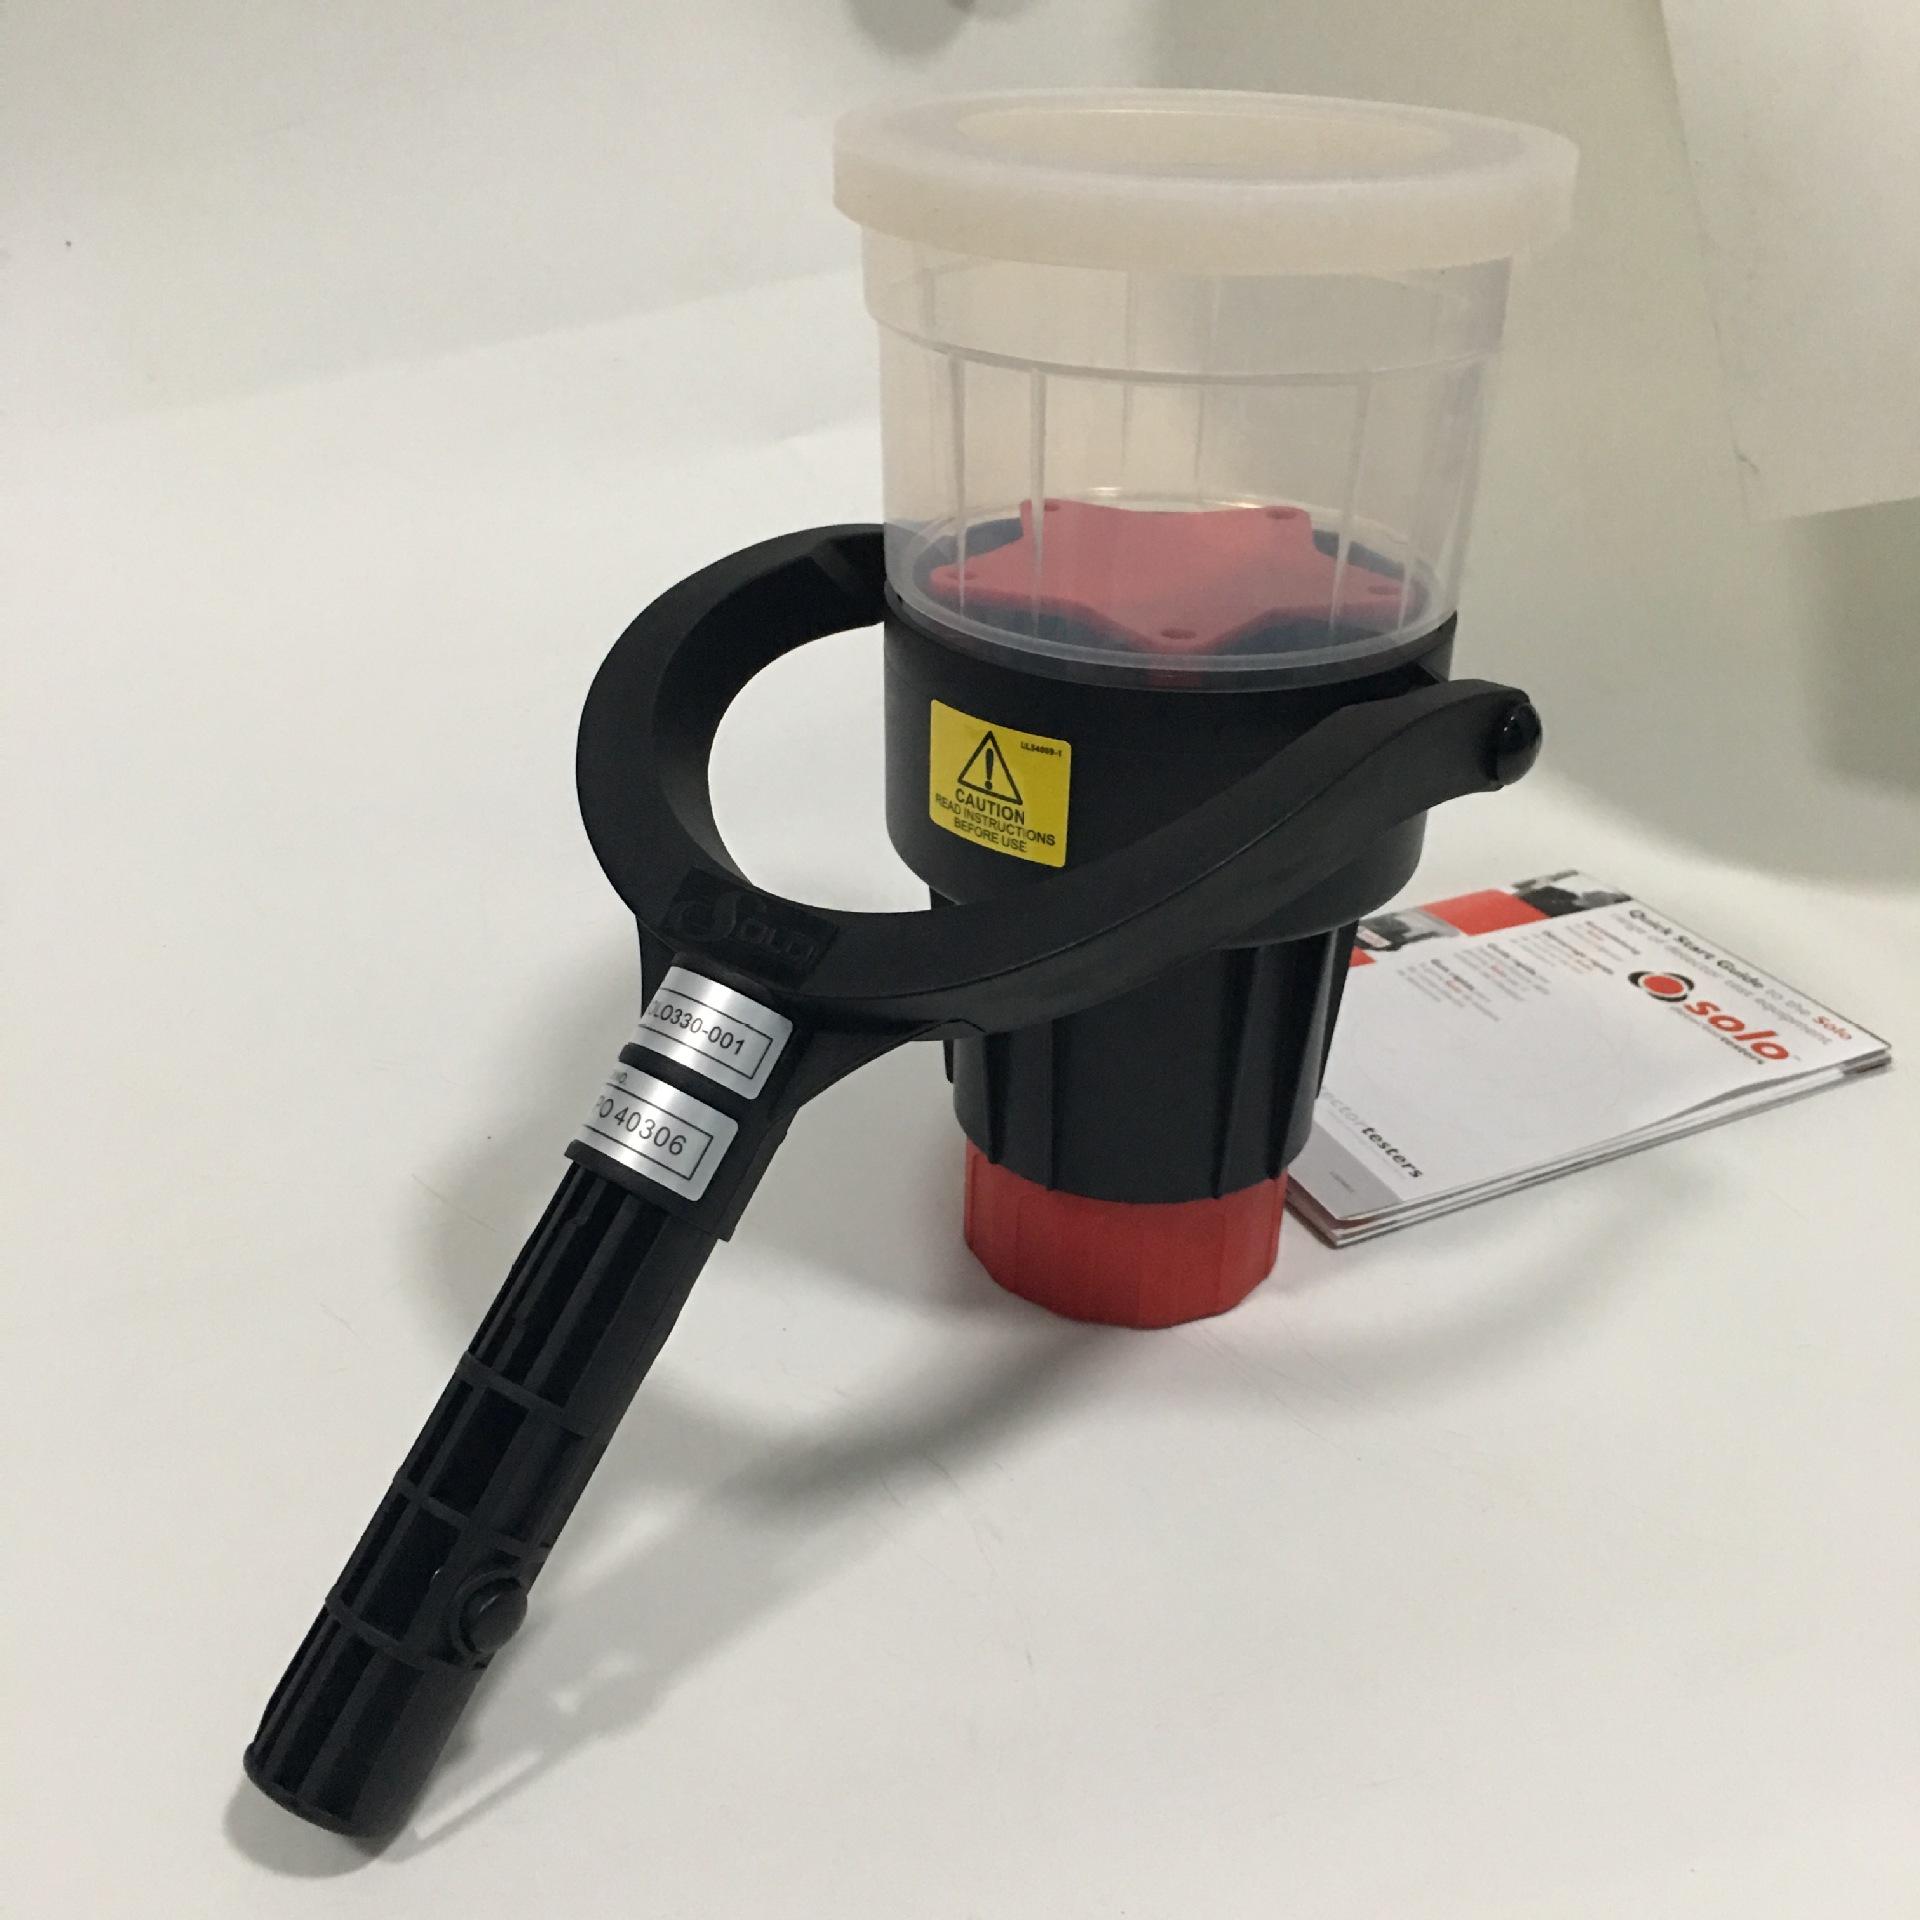 SOLO 100感烟探头测试工具,SOLO SMOKE DETECTOR 331073 SOLO330